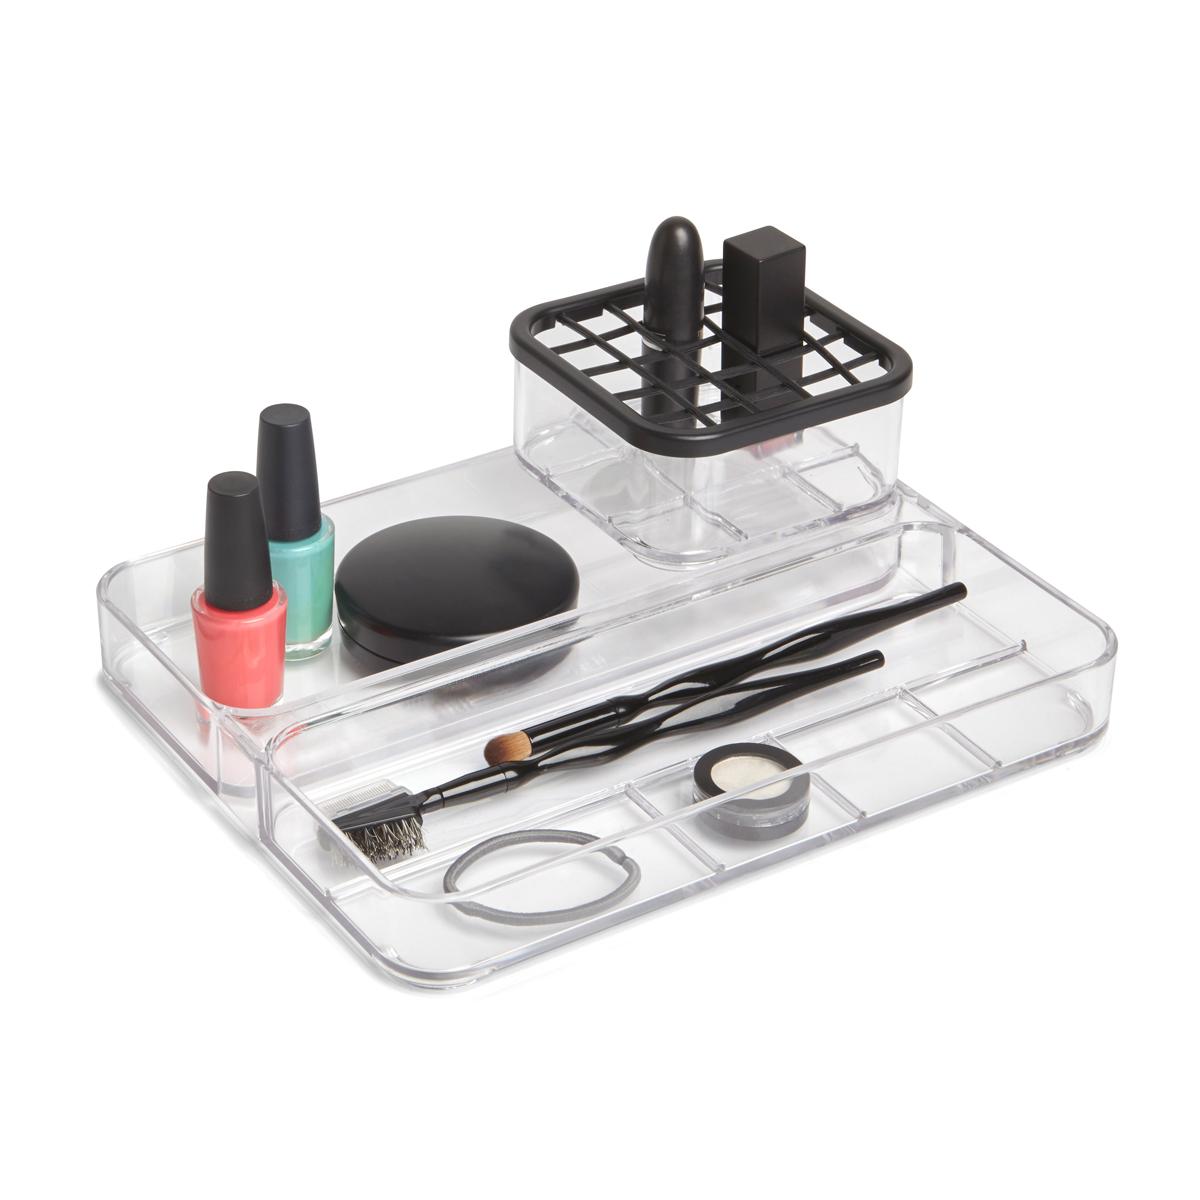 Органайзер Umbra Carrel, 2-уровневый, 5,2 х 10 х 25 смRG-D31SПрактичный органайзер для хранения косметики, украшений или канцелярских принадлежностей.Контейнер, оснащенный крышкой с ячейками, подойдет для хранения карандашей, туши для ресниц или кисточек. На подставке-подносе разместятся украшения, лаки для ногтей, инструменты для маникюра. Прозрачные стенки помогут легко находить необходимый предмет.